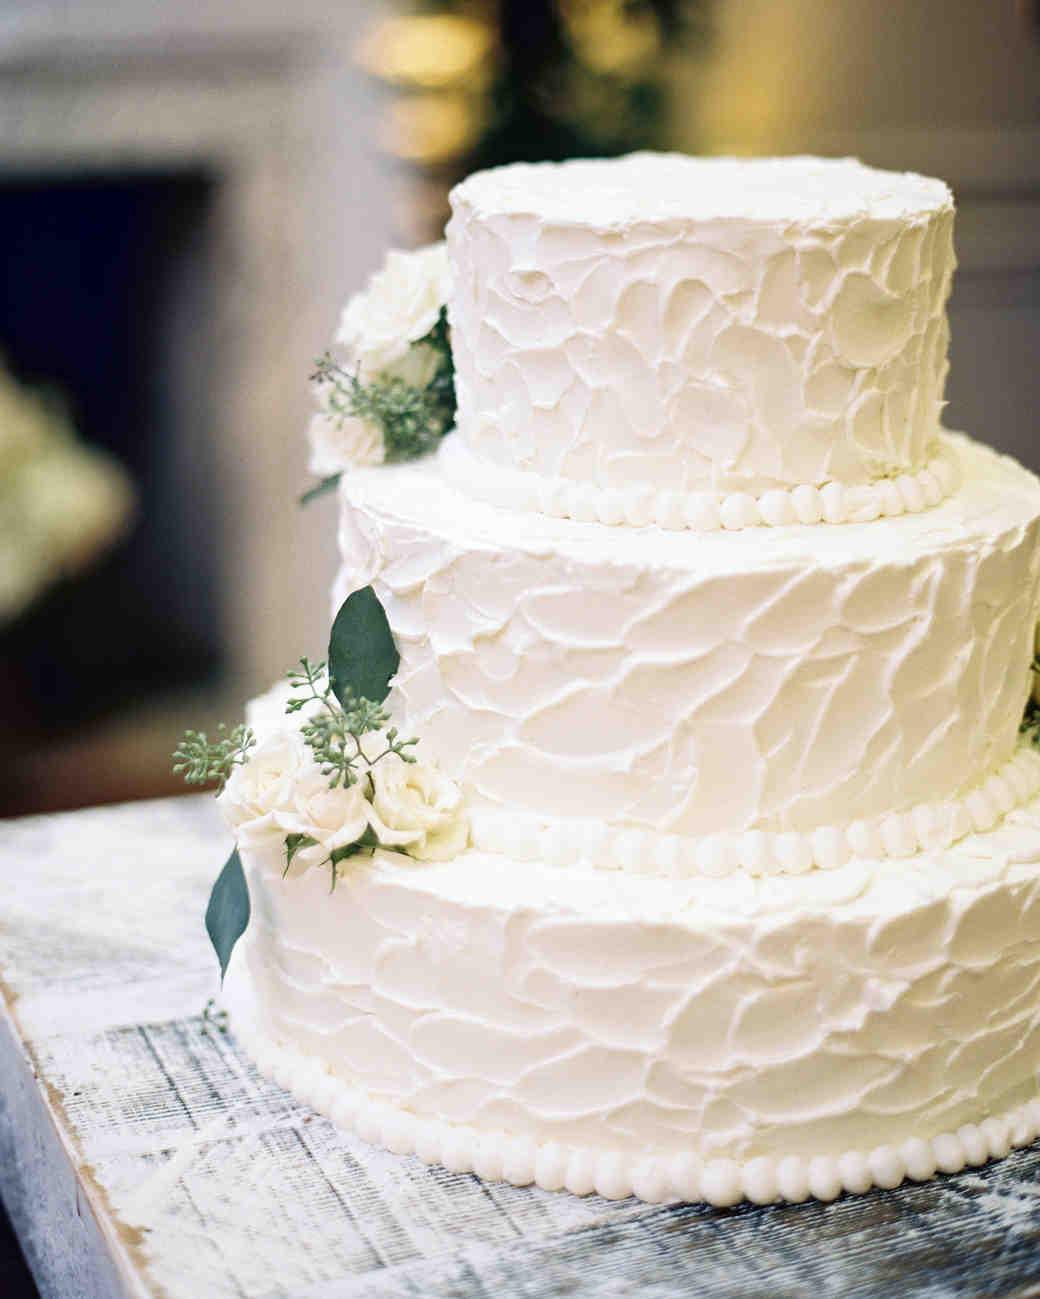 Wedding Cakes White  104 White Wedding Cakes That Make the Case for Going